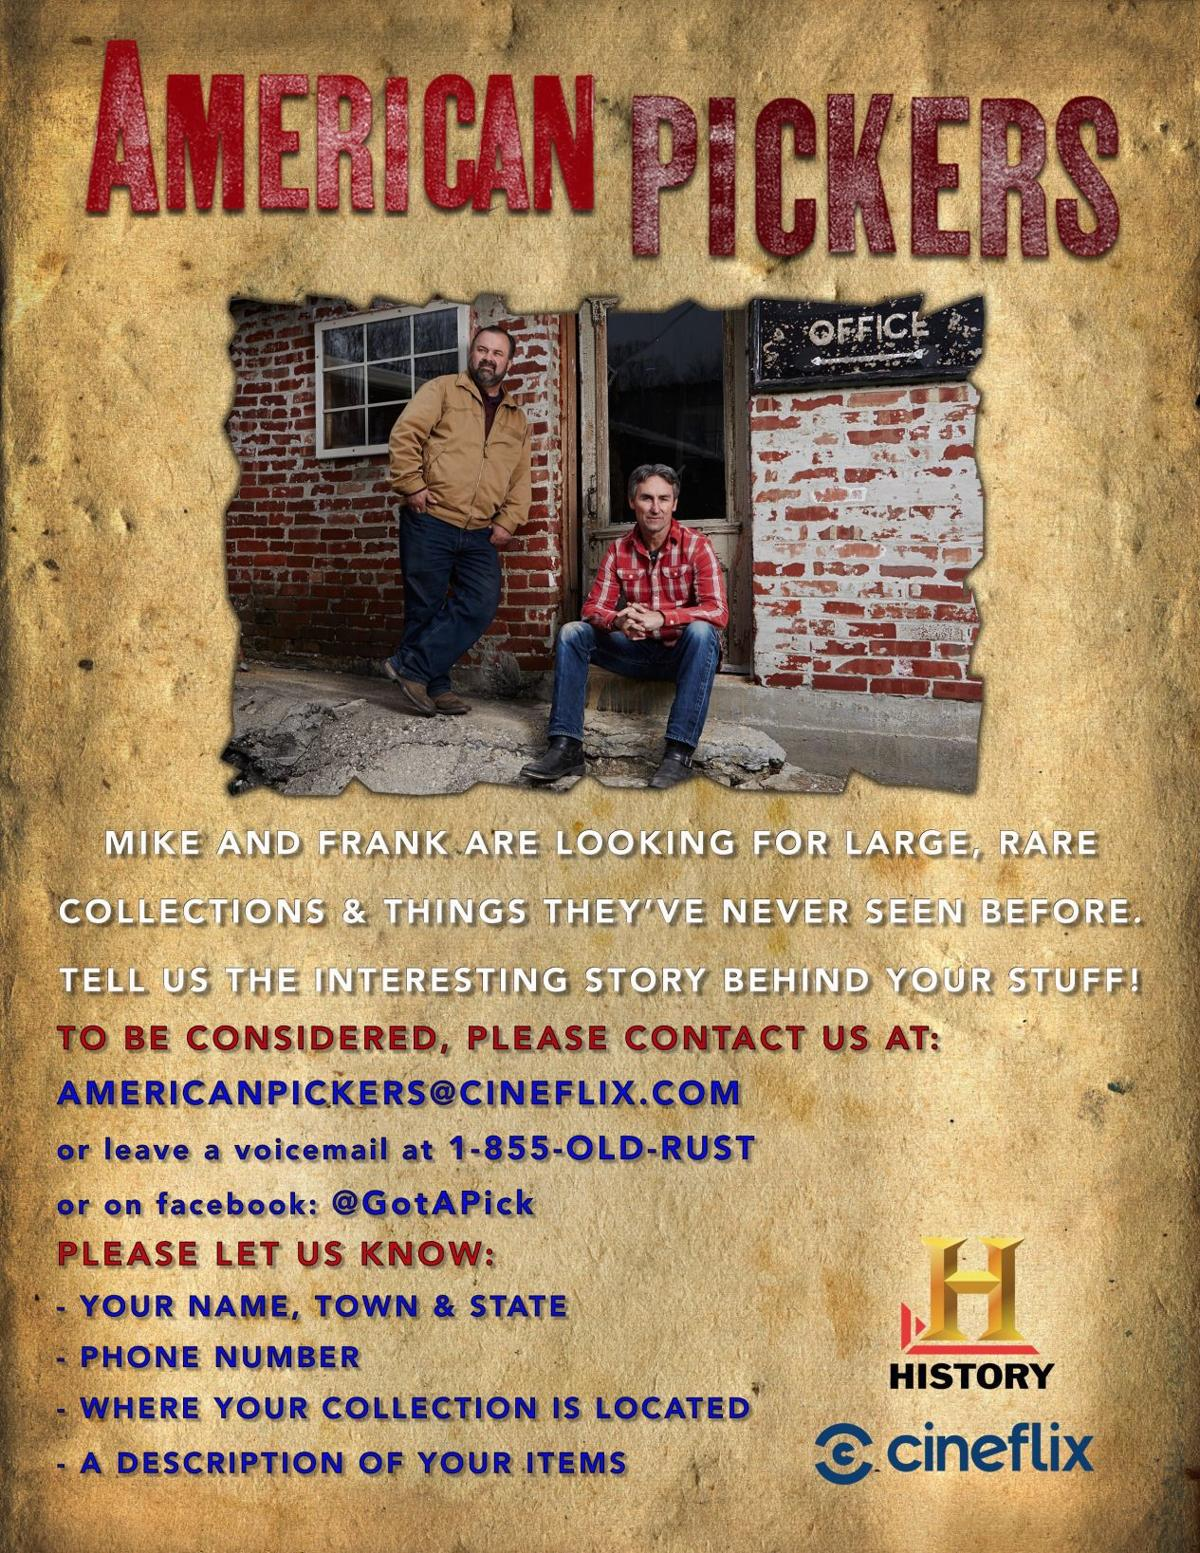 American Picker Flyer.jpg